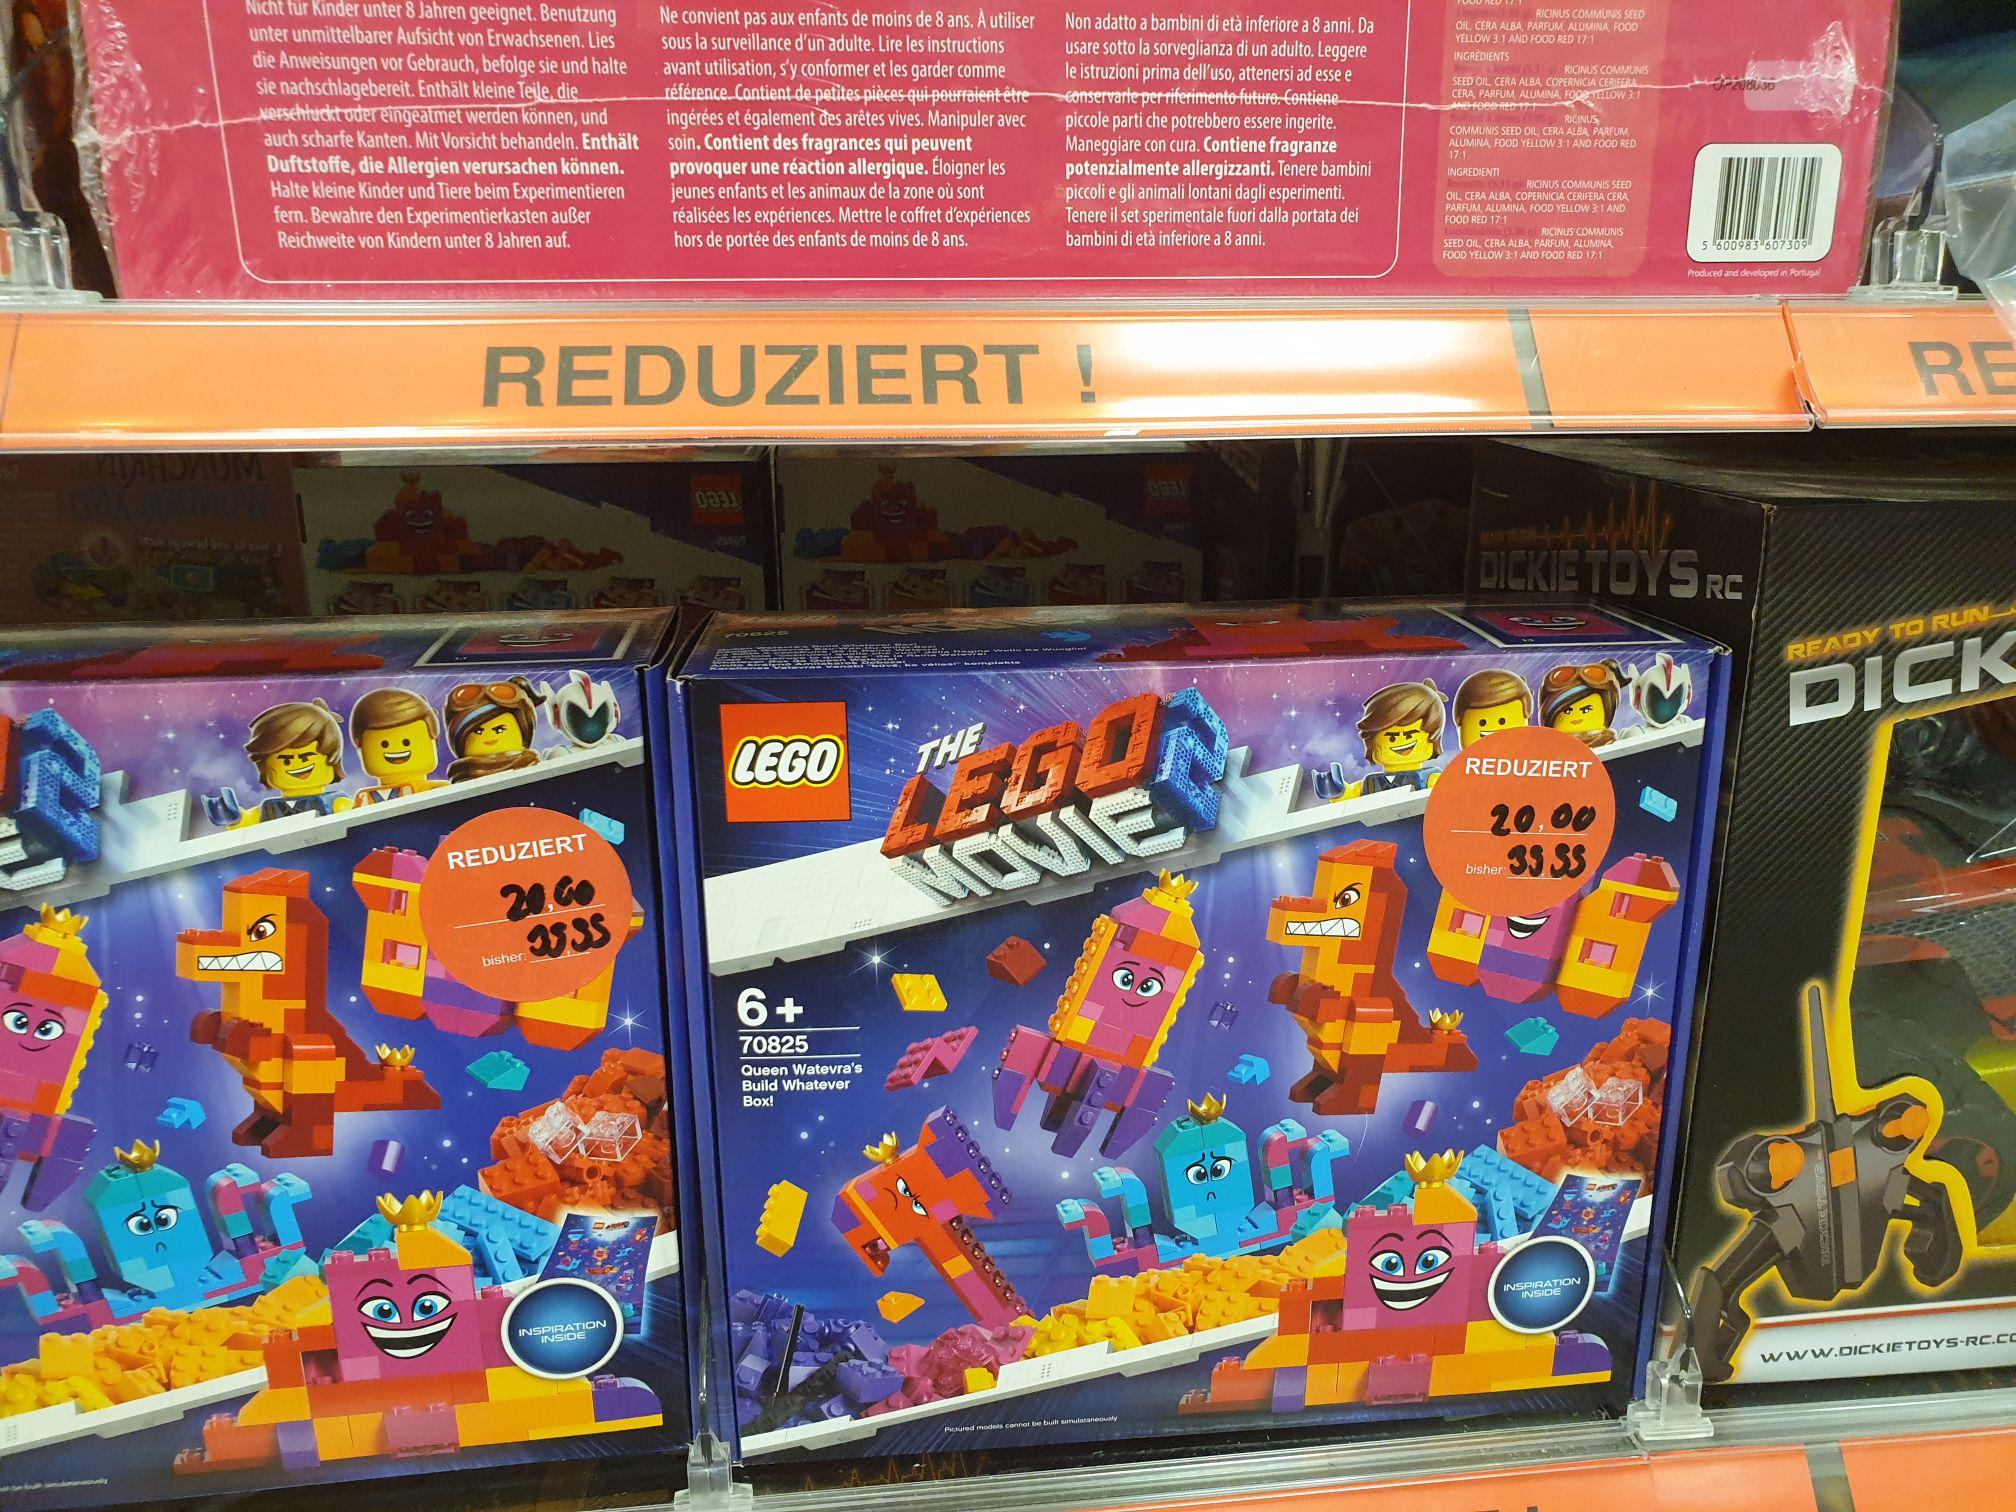 [Lokal] Müller Stgt Vaihingen verschiedene Lego Sets z.B. The Lego Movie 2 - Königin Wasimma